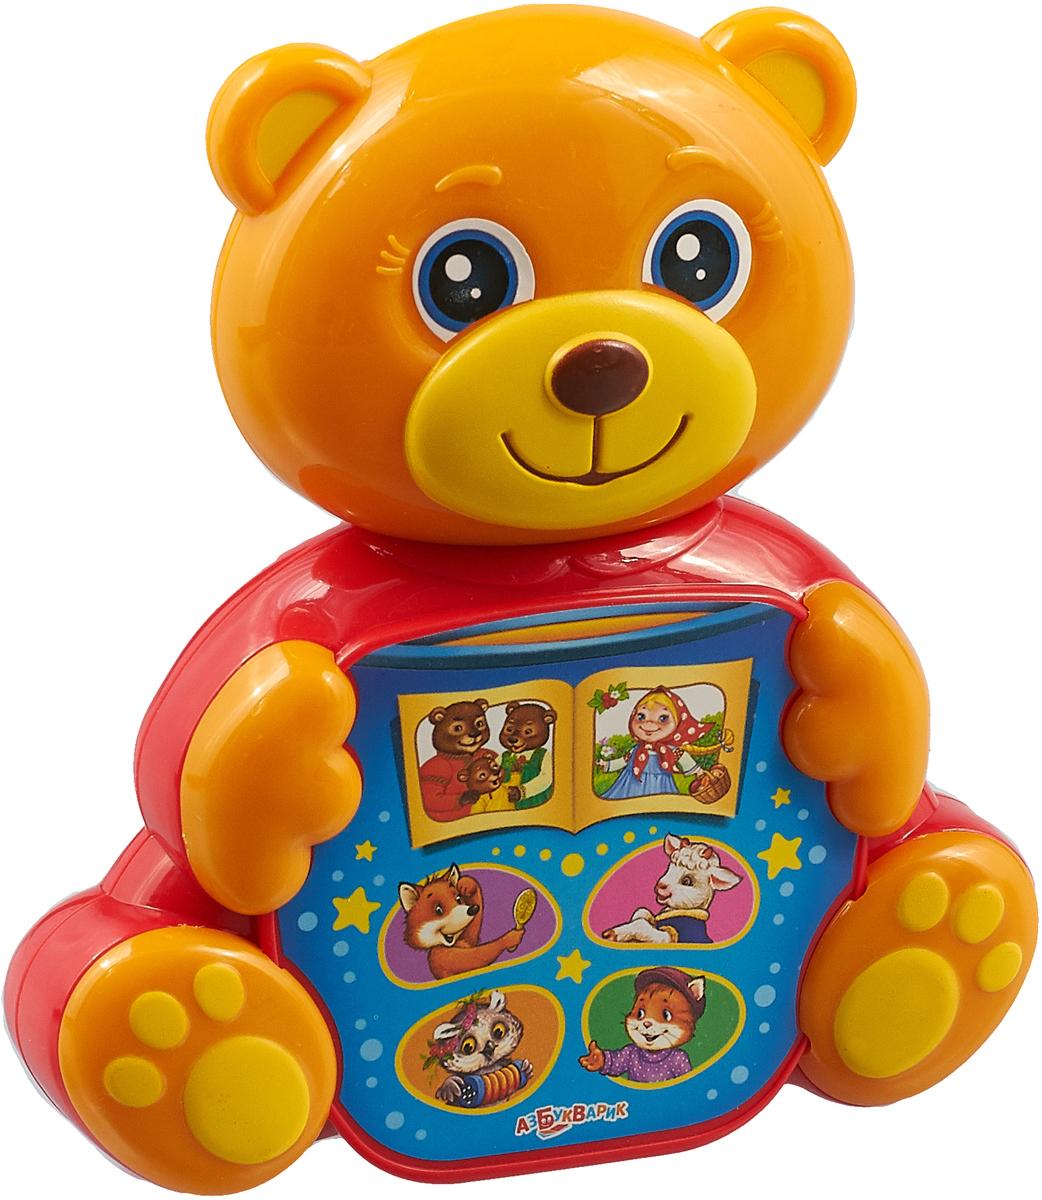 Музыкальная игрушка Азбукварик Любимая сказочка. Мишка косолапый игрушка обучающая музыкальная азбукварик ферма музыкальный домик